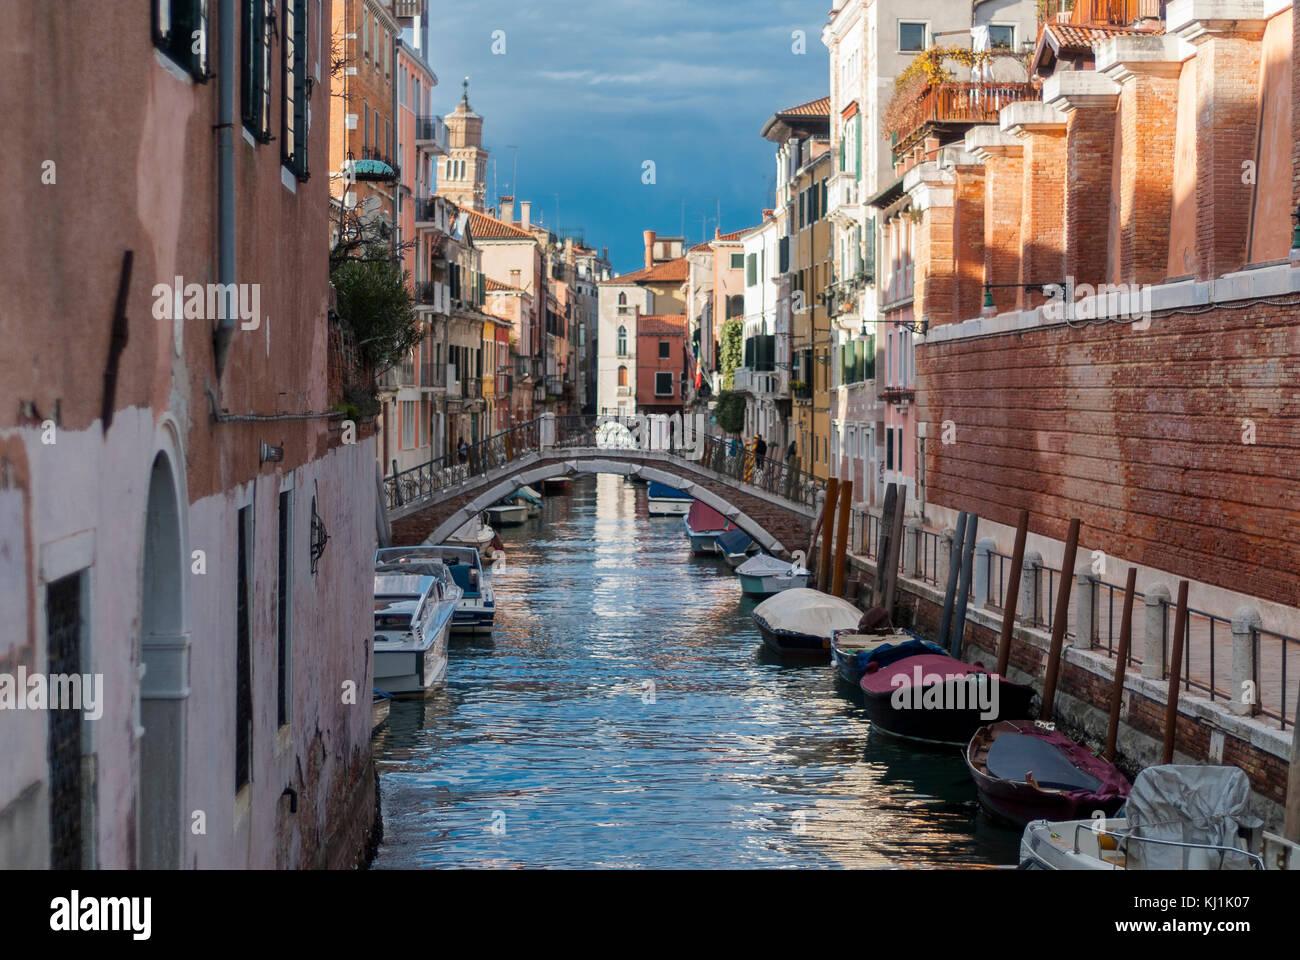 Venecia-marzo 7:Canal de Venecia con barcos y puente,Venecia,Italia,el 7 de marzo de 2017. Foto de stock